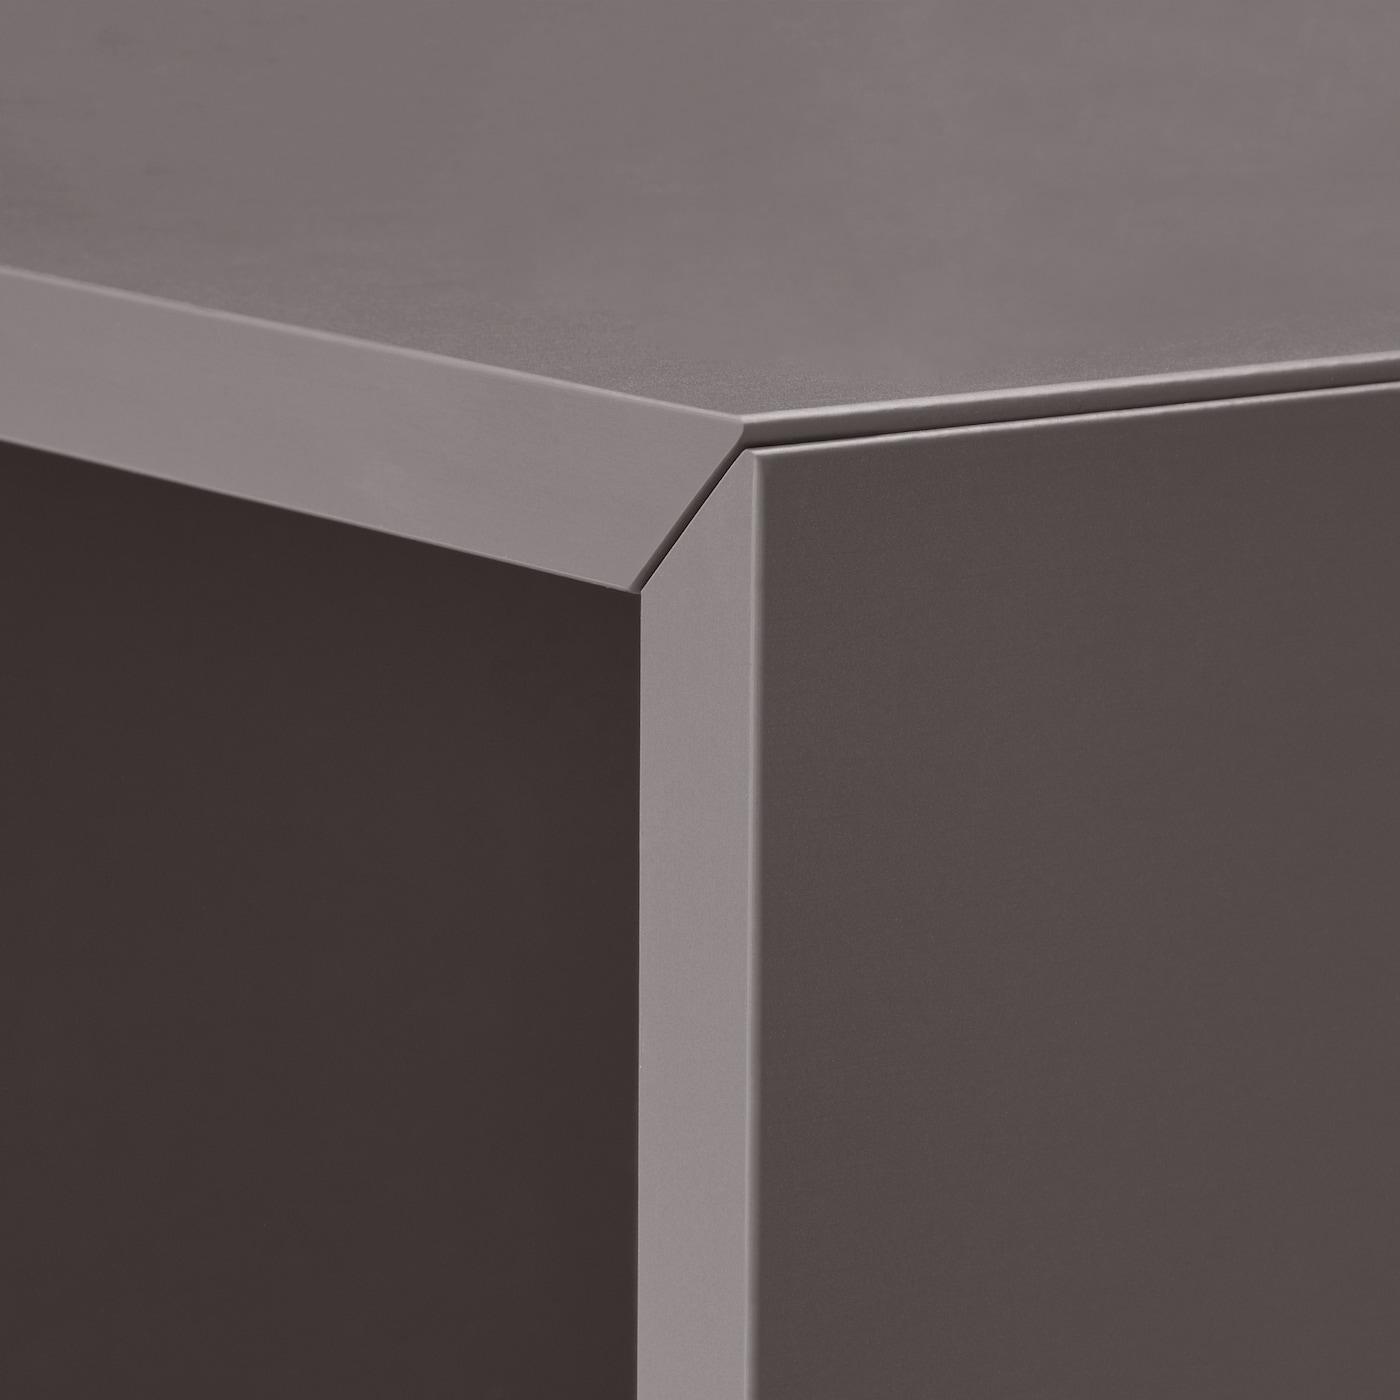 """EKET Storage combination with feet, dark gray, 27 1/2x9 7/8x28 3/8 """""""